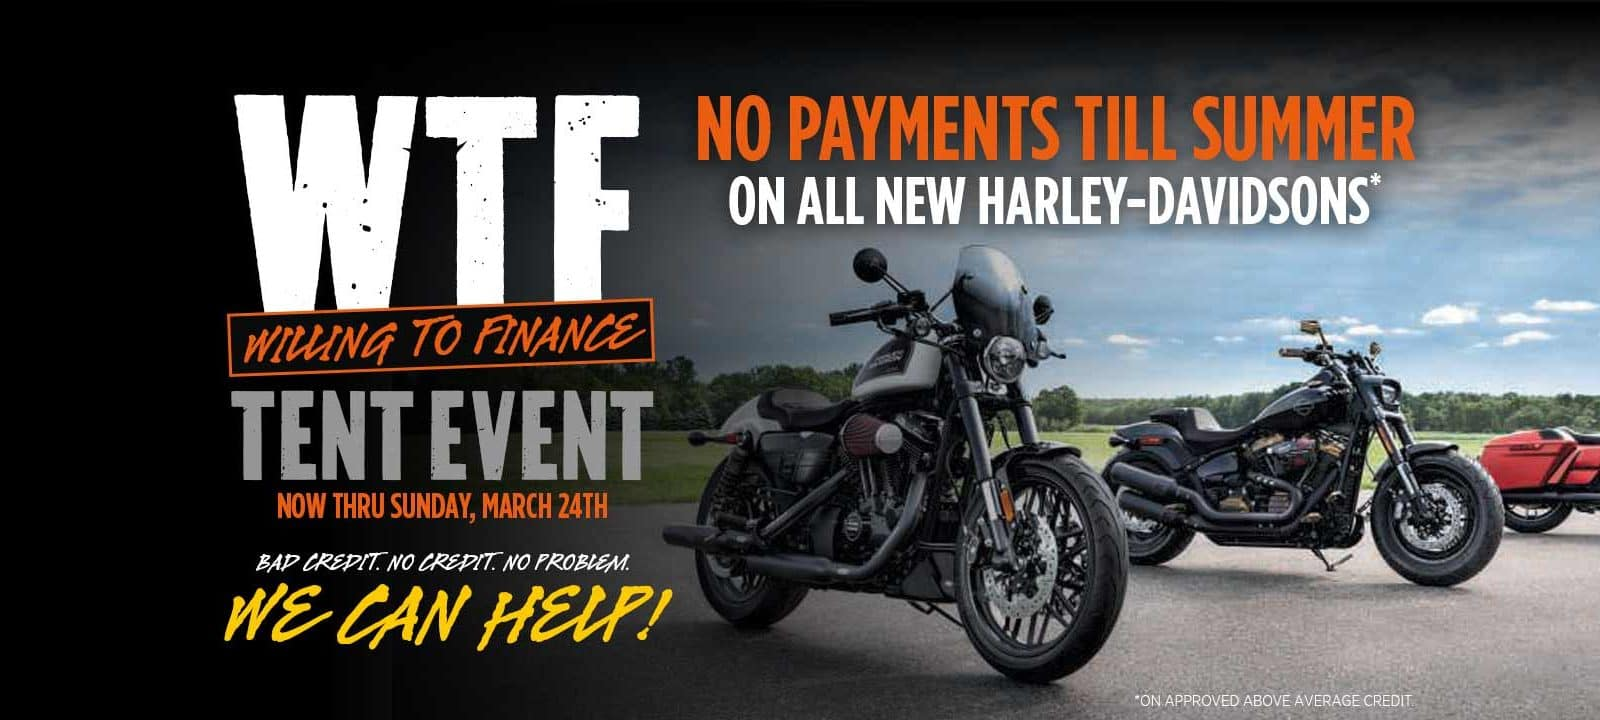 2019318-TMC-1800x720-WTF-Tent-Event-No-Payments